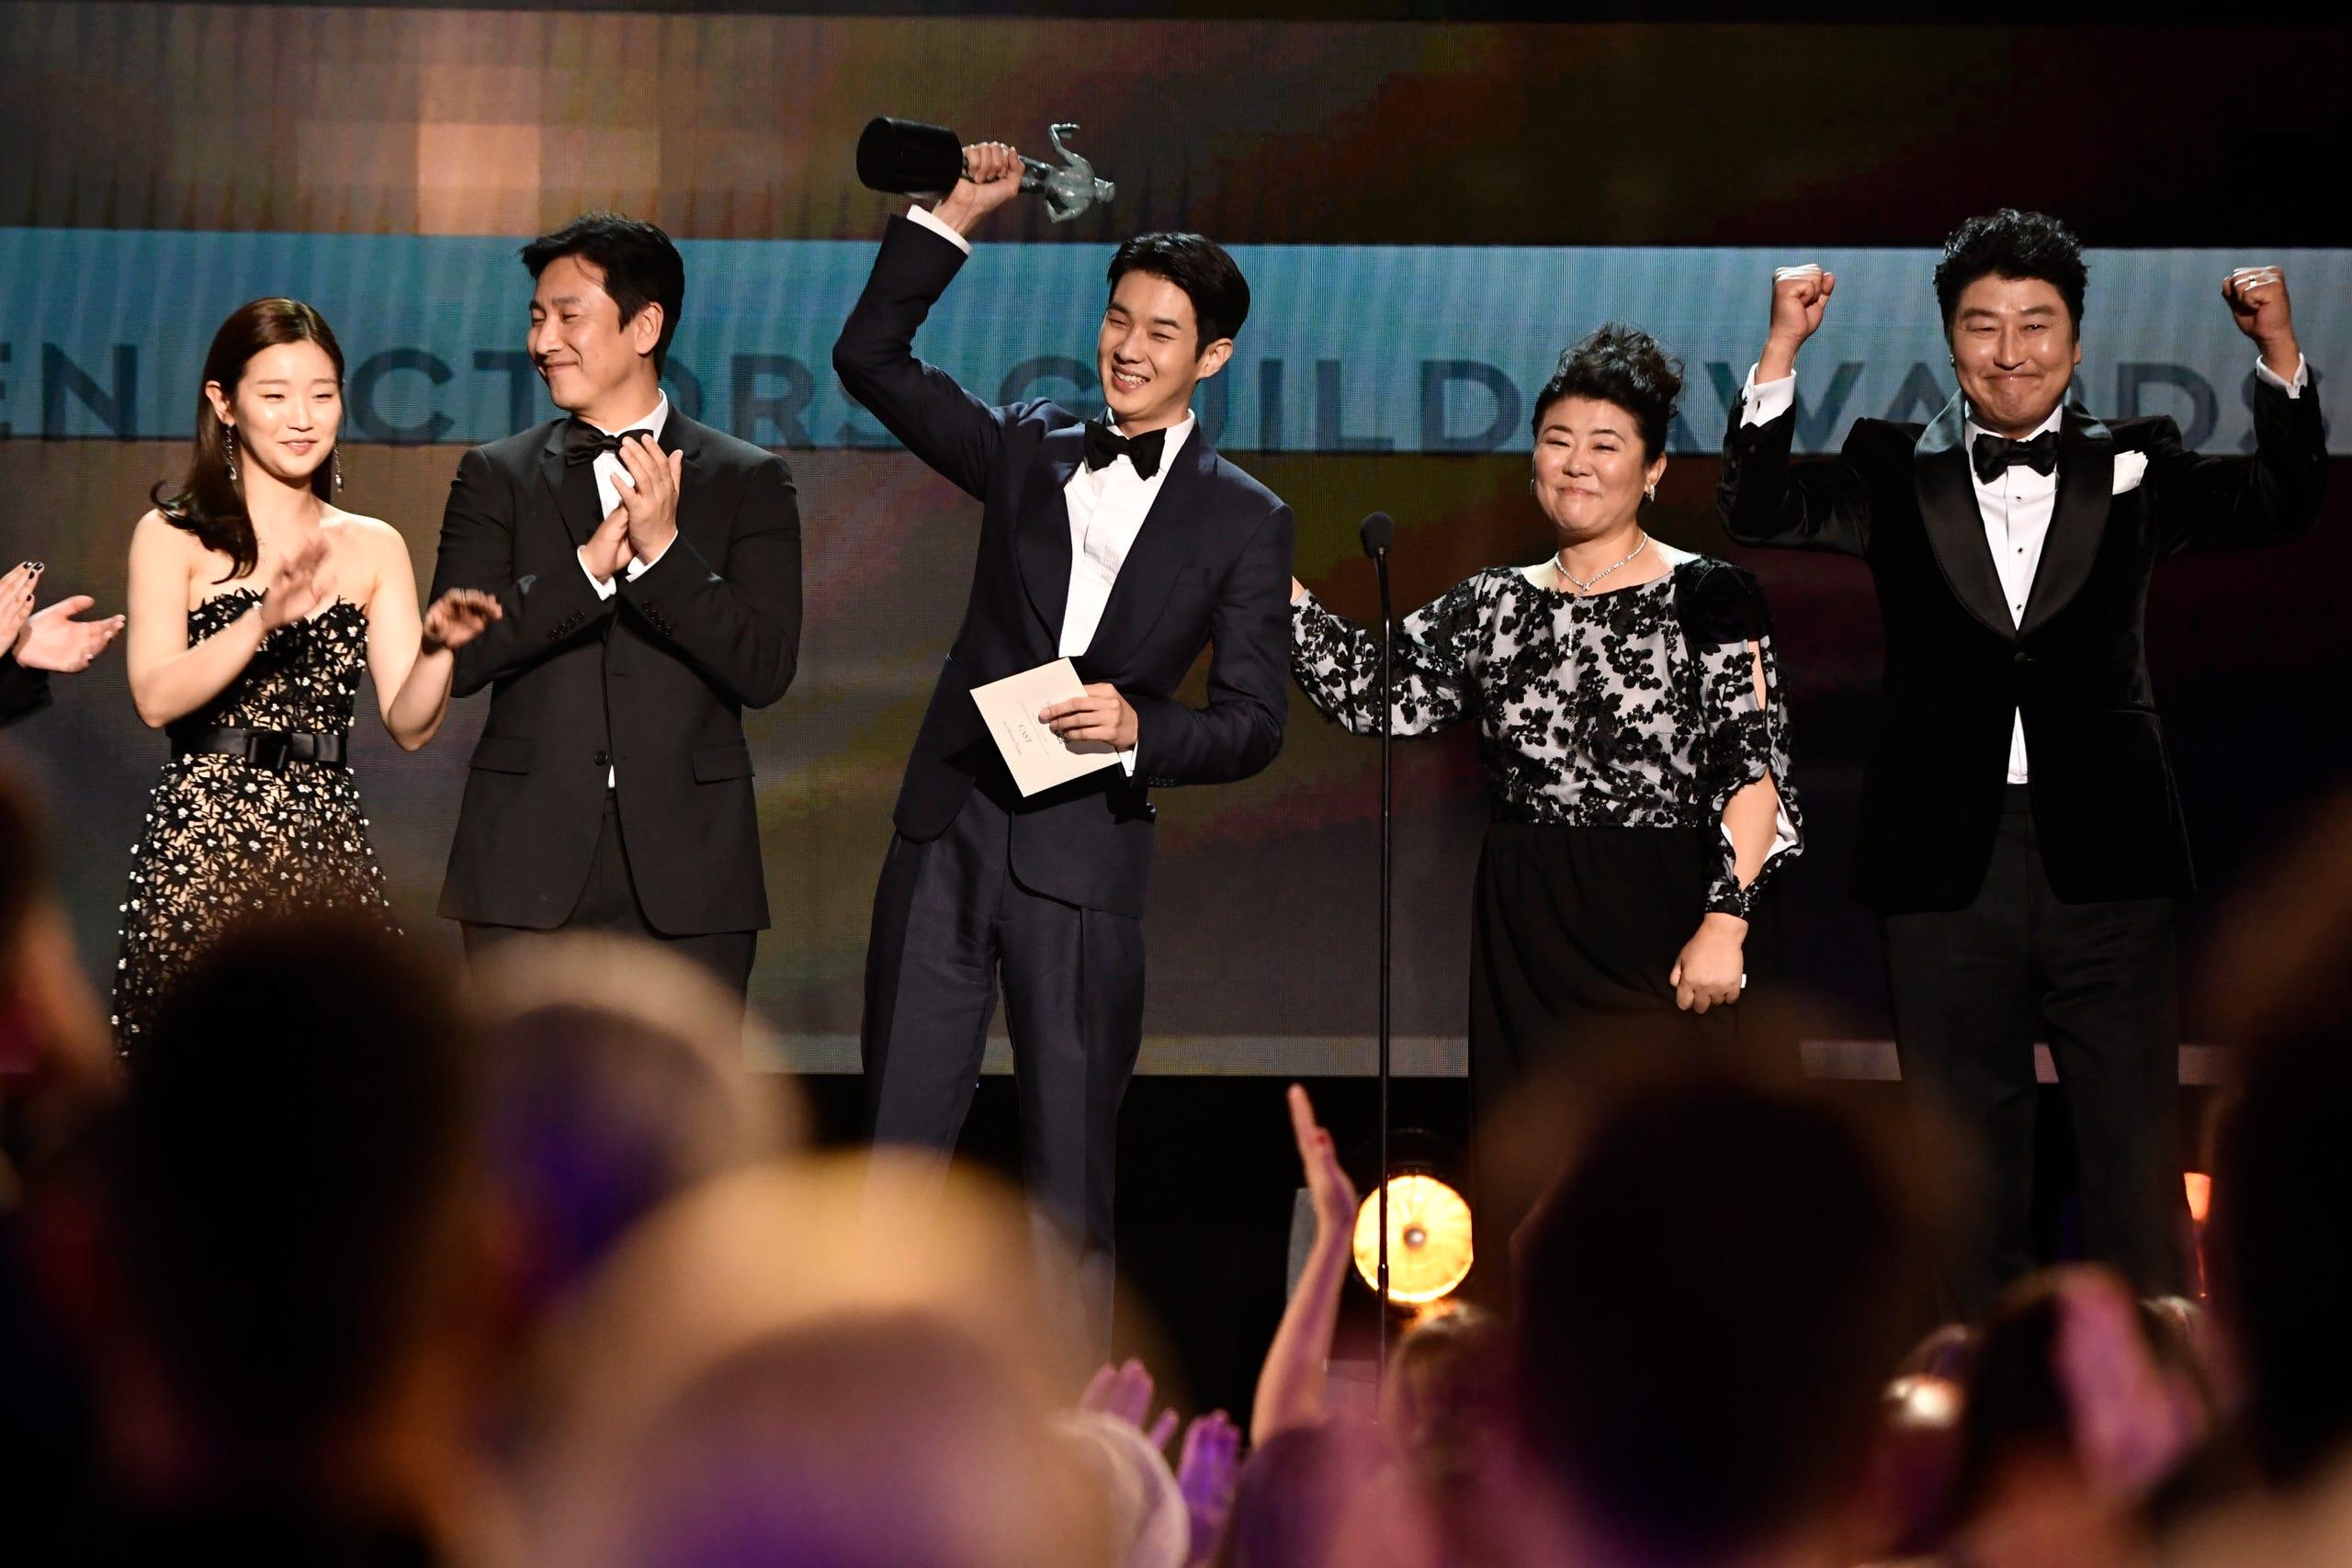 sag awards 2020 ile ilgili görsel sonucu